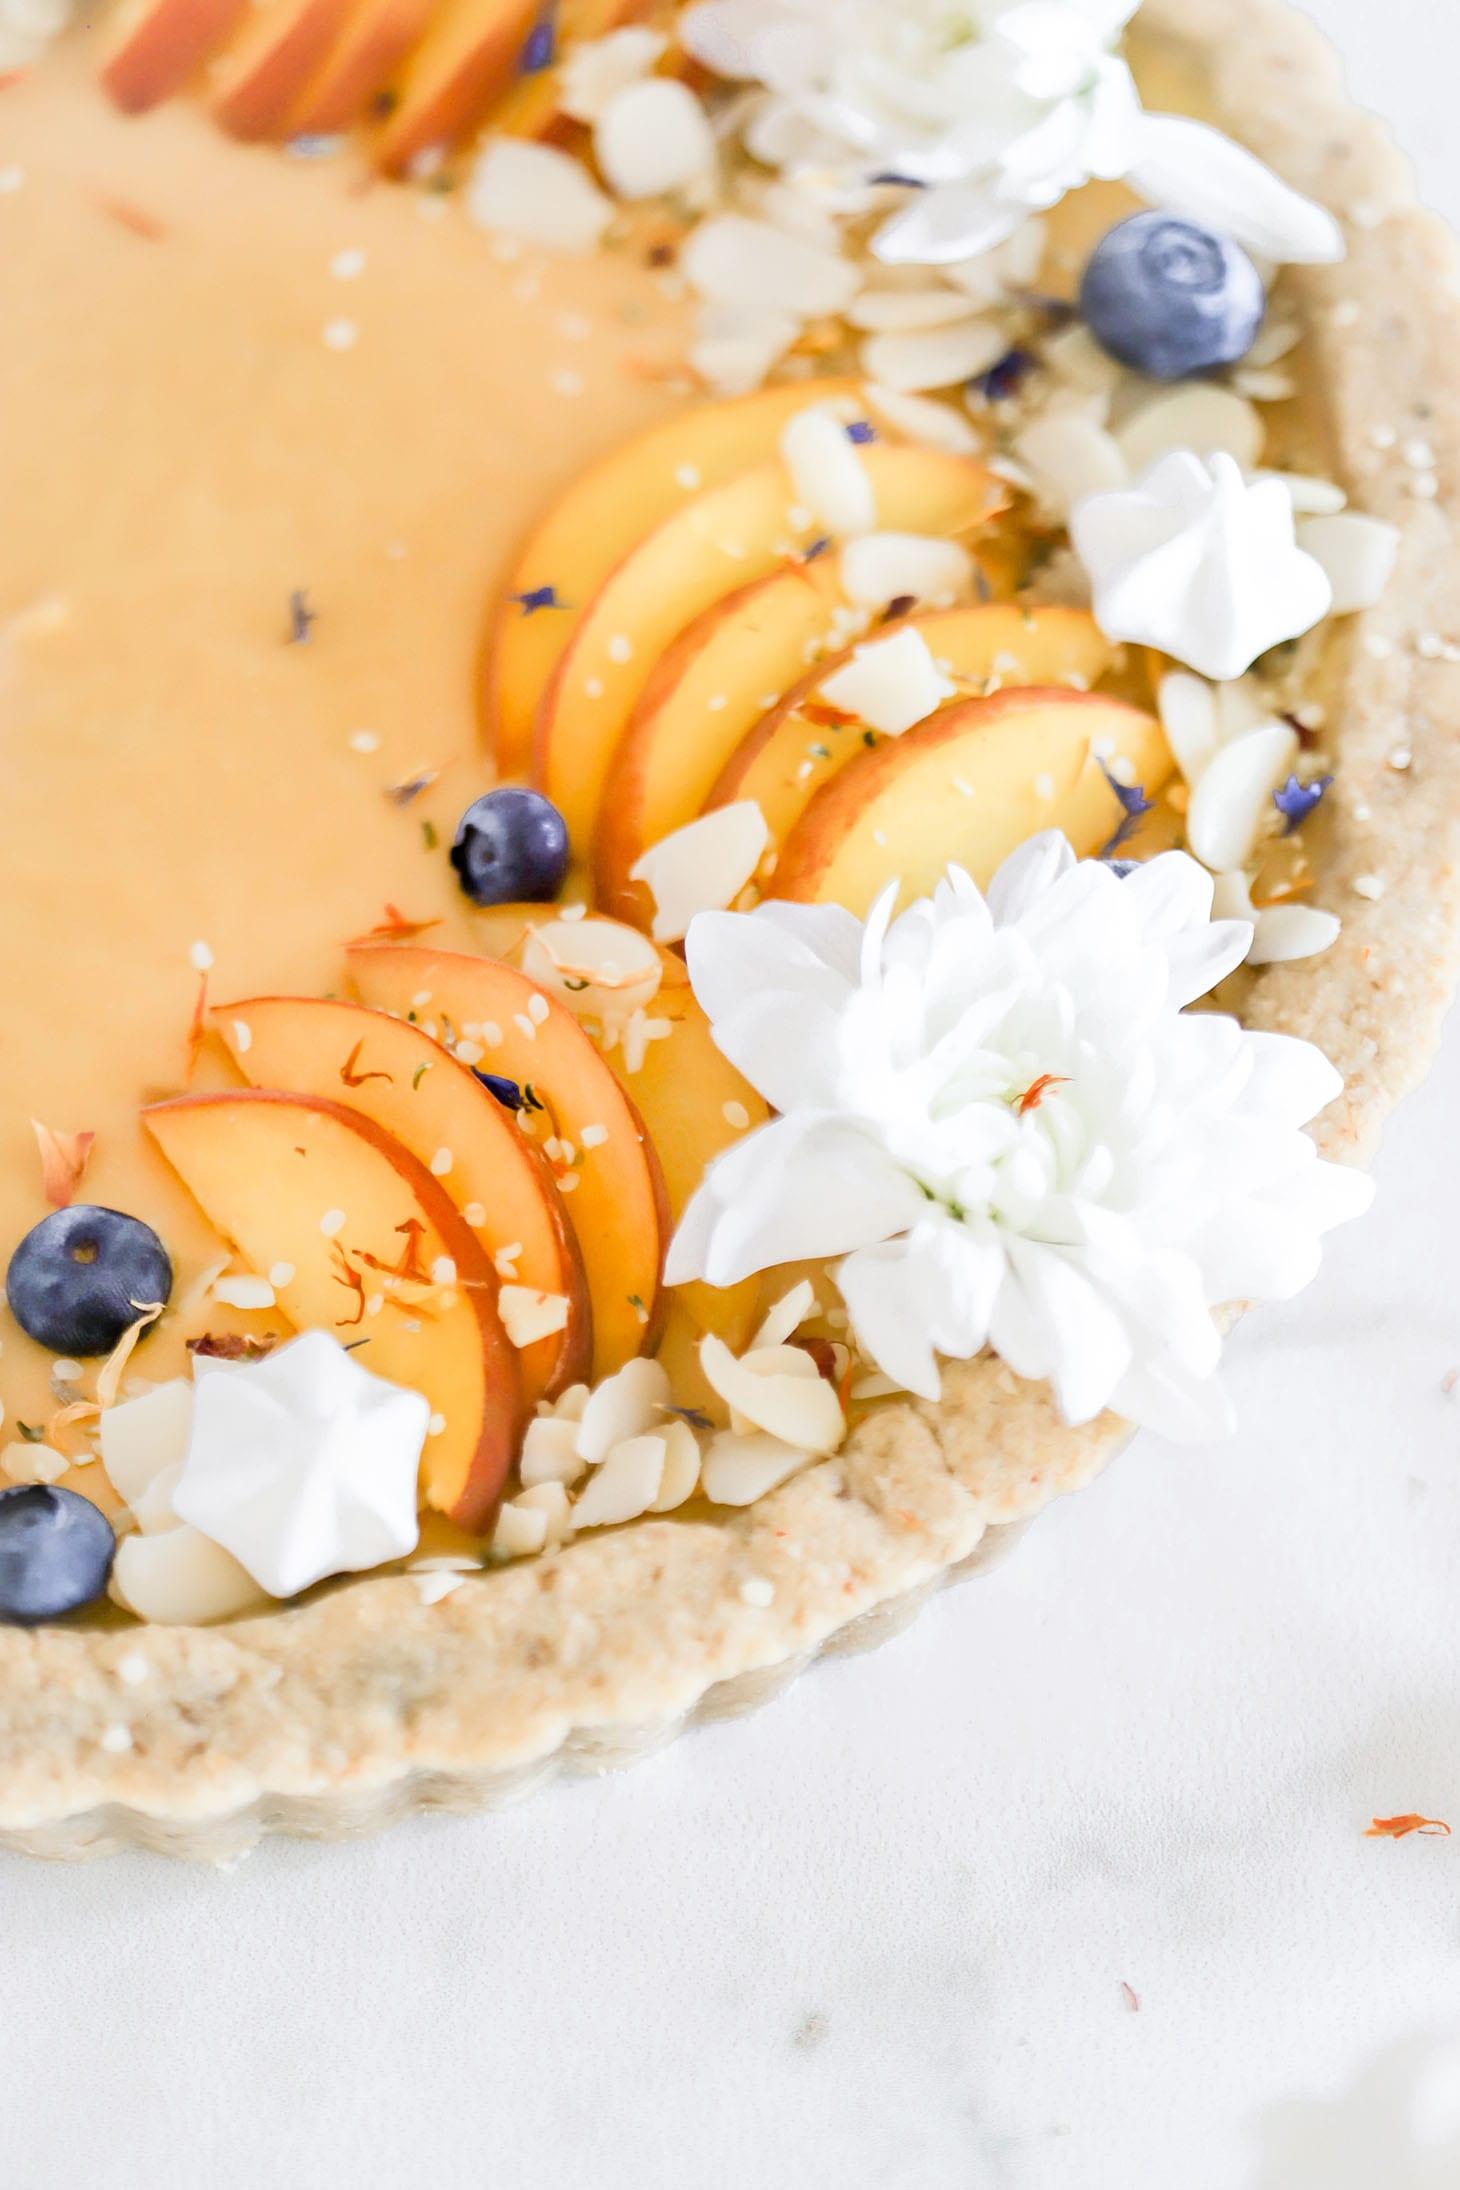 Easy and Pretty Dessert Recipe